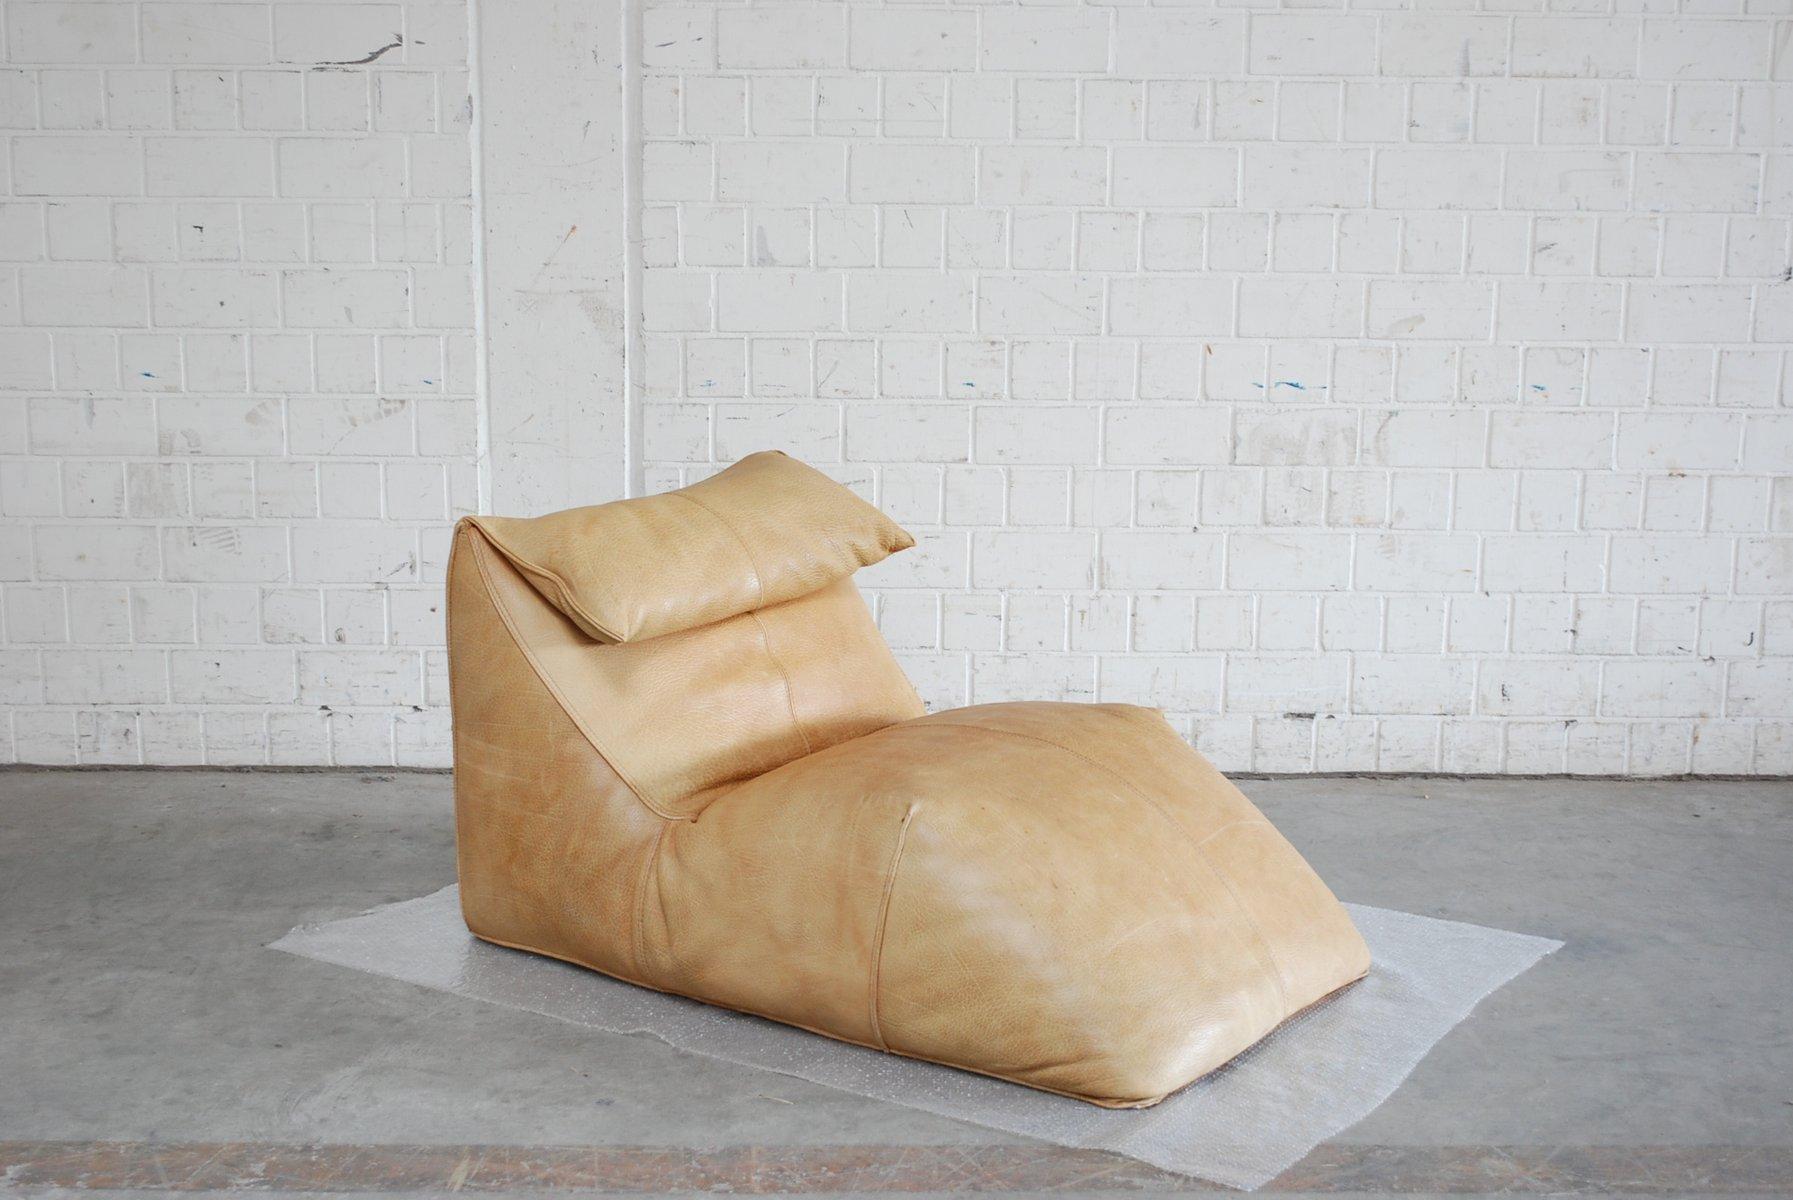 Chaise longue le bambole vintage en cuir neck par mario bellini pour b b italia en vente sur pamono - Chaise longue en anglais ...